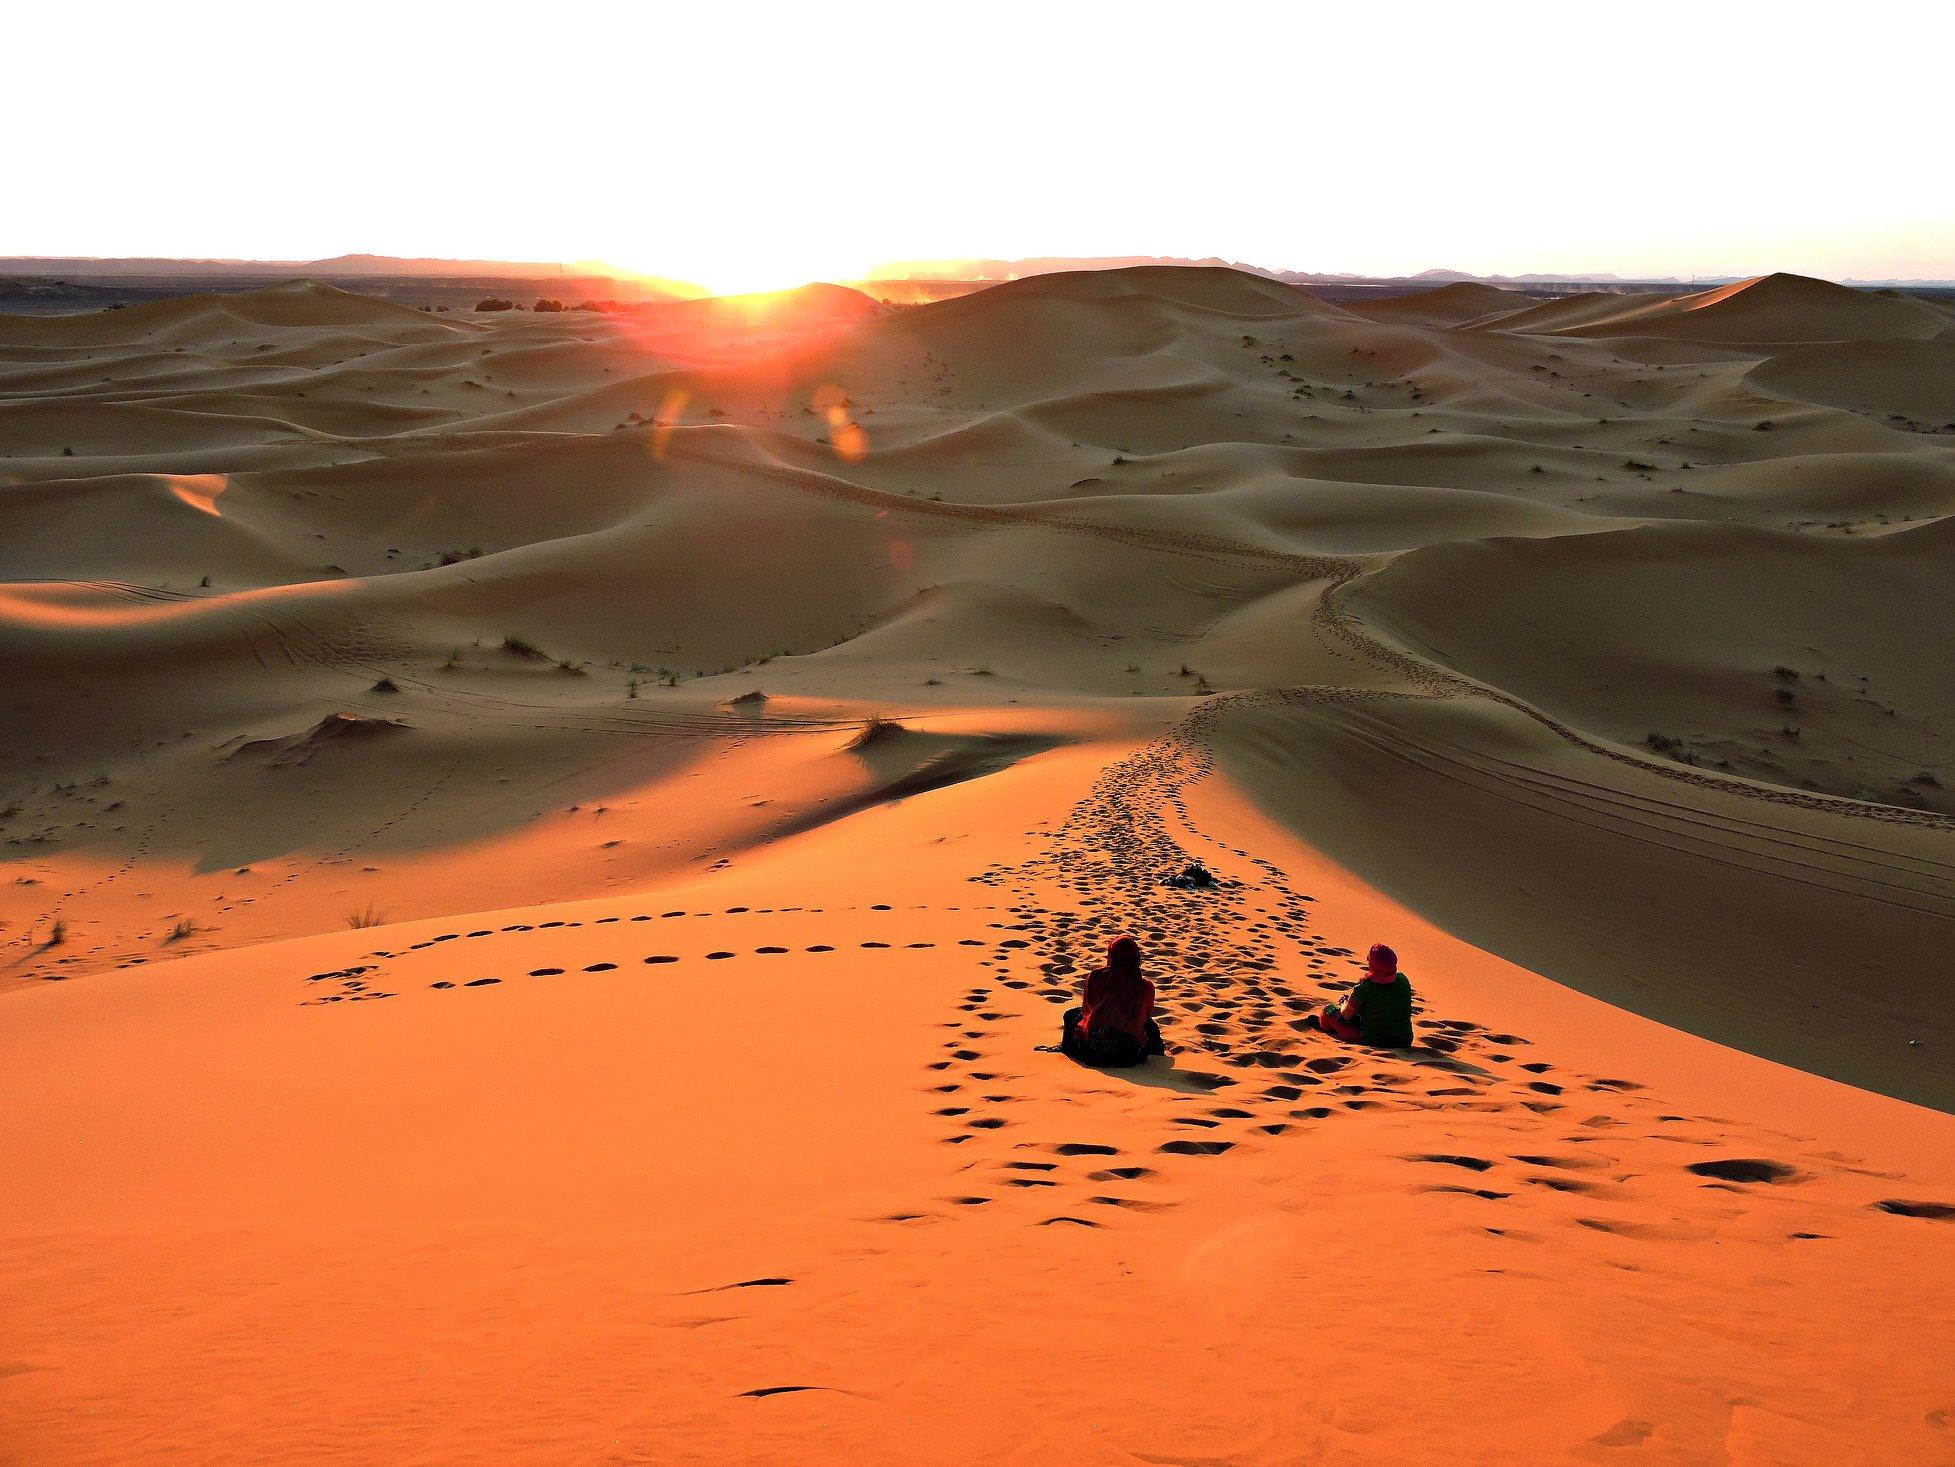 From Marrakech to the Erg Chebbi Desert